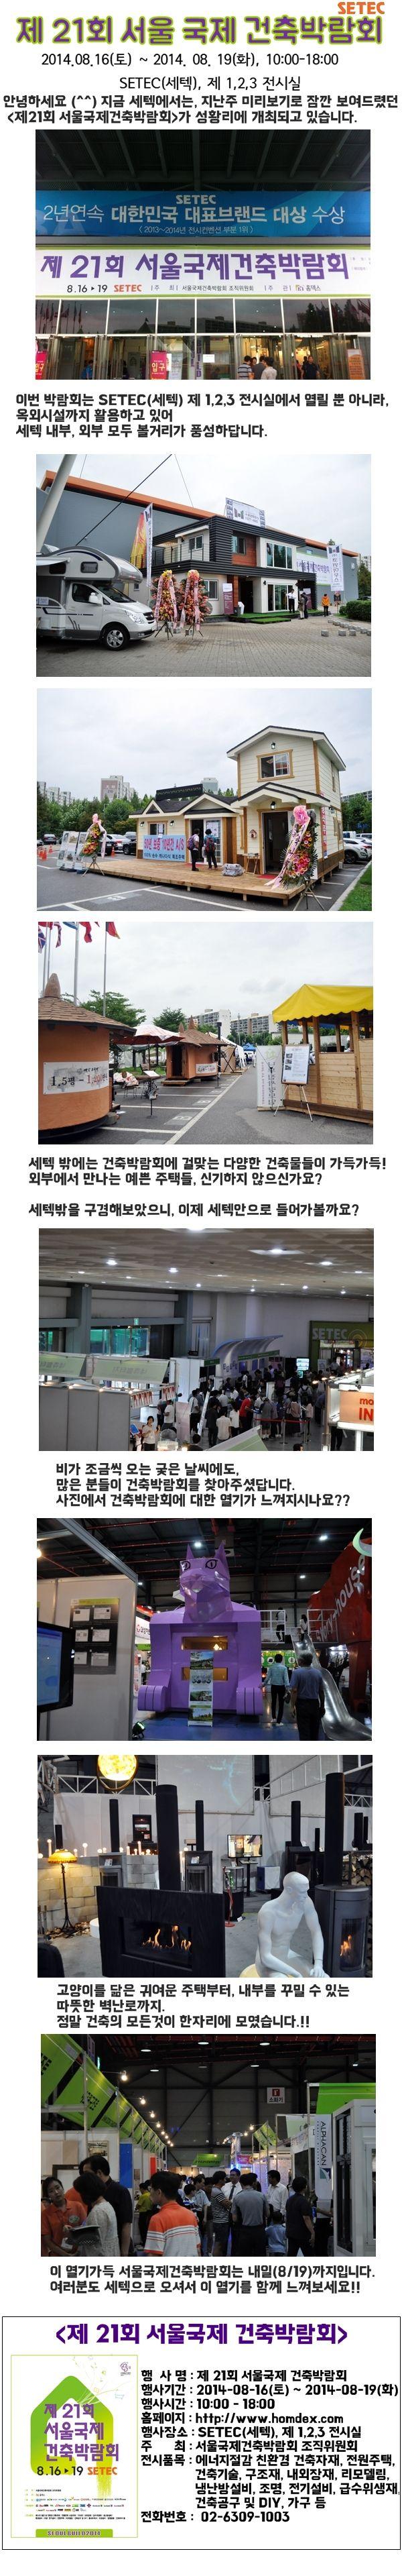 [0816-0819] 제21회 서울국제 건축박람회가 성황리에 세텍에서 열리고 있습니다.  이 박람회는 내일(8/19)일 까지 개최되오니, 관심있으신 분들께서는 어서 세텍으로 오세요! 행사 관련 홈페이지는 www.homdex.com 을 방문해 주세요. 세텍에서 열리는 또다른 행사가 궁금하시다면, www.setec.or.kr로 방문해주세요!